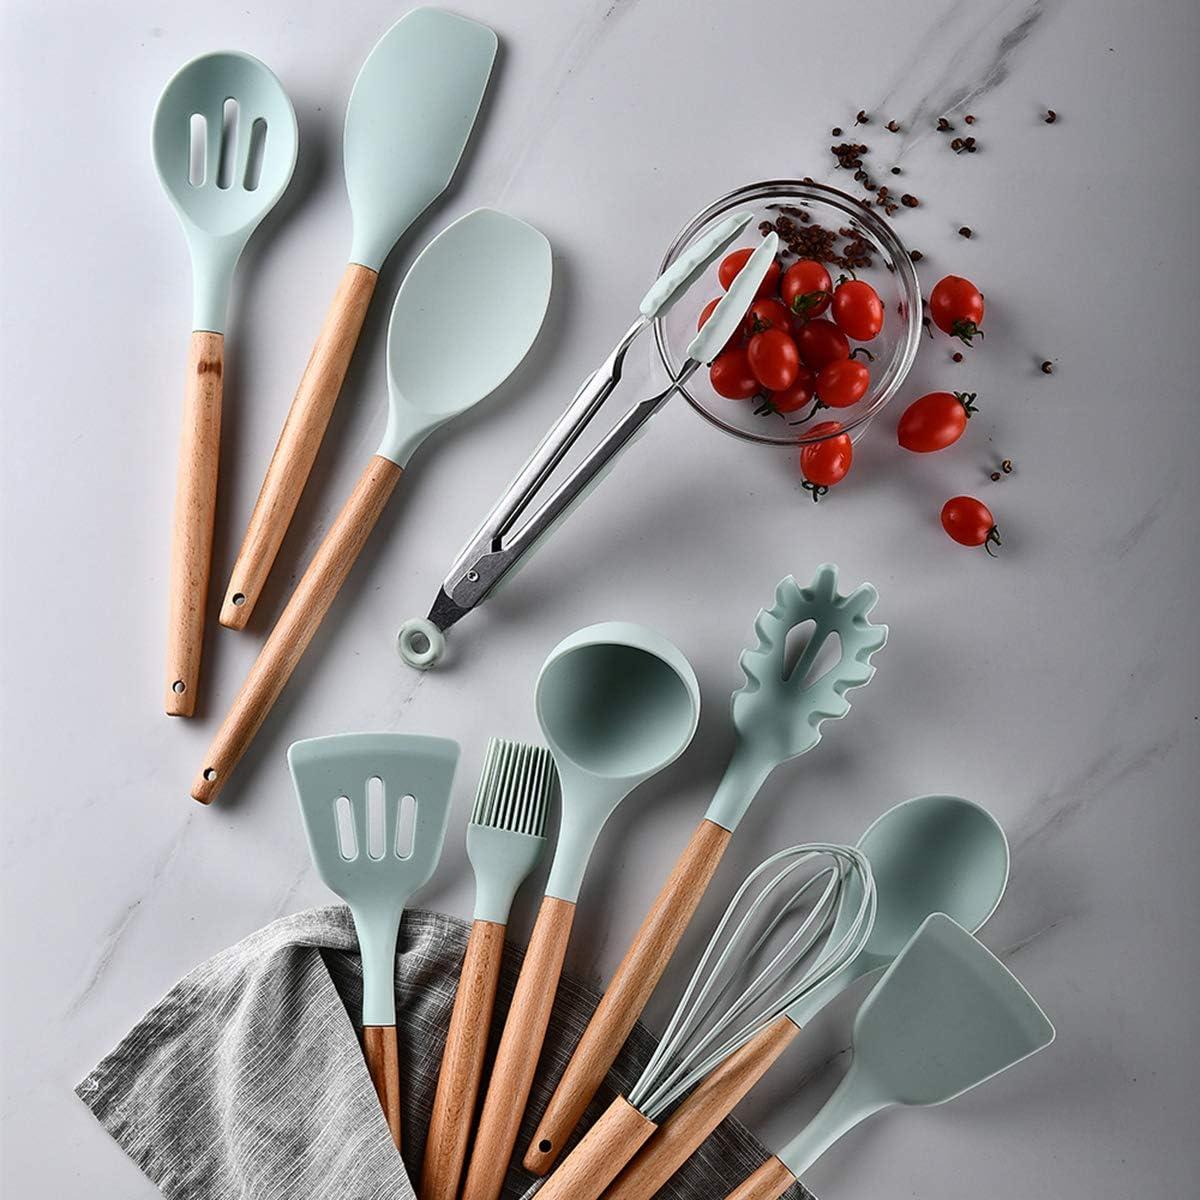 NCONCO Lot de 11 ustensiles de cuisine en silicone avec poign/ée en bois anti-adh/ésif r/ésistant /à la chaleur rose